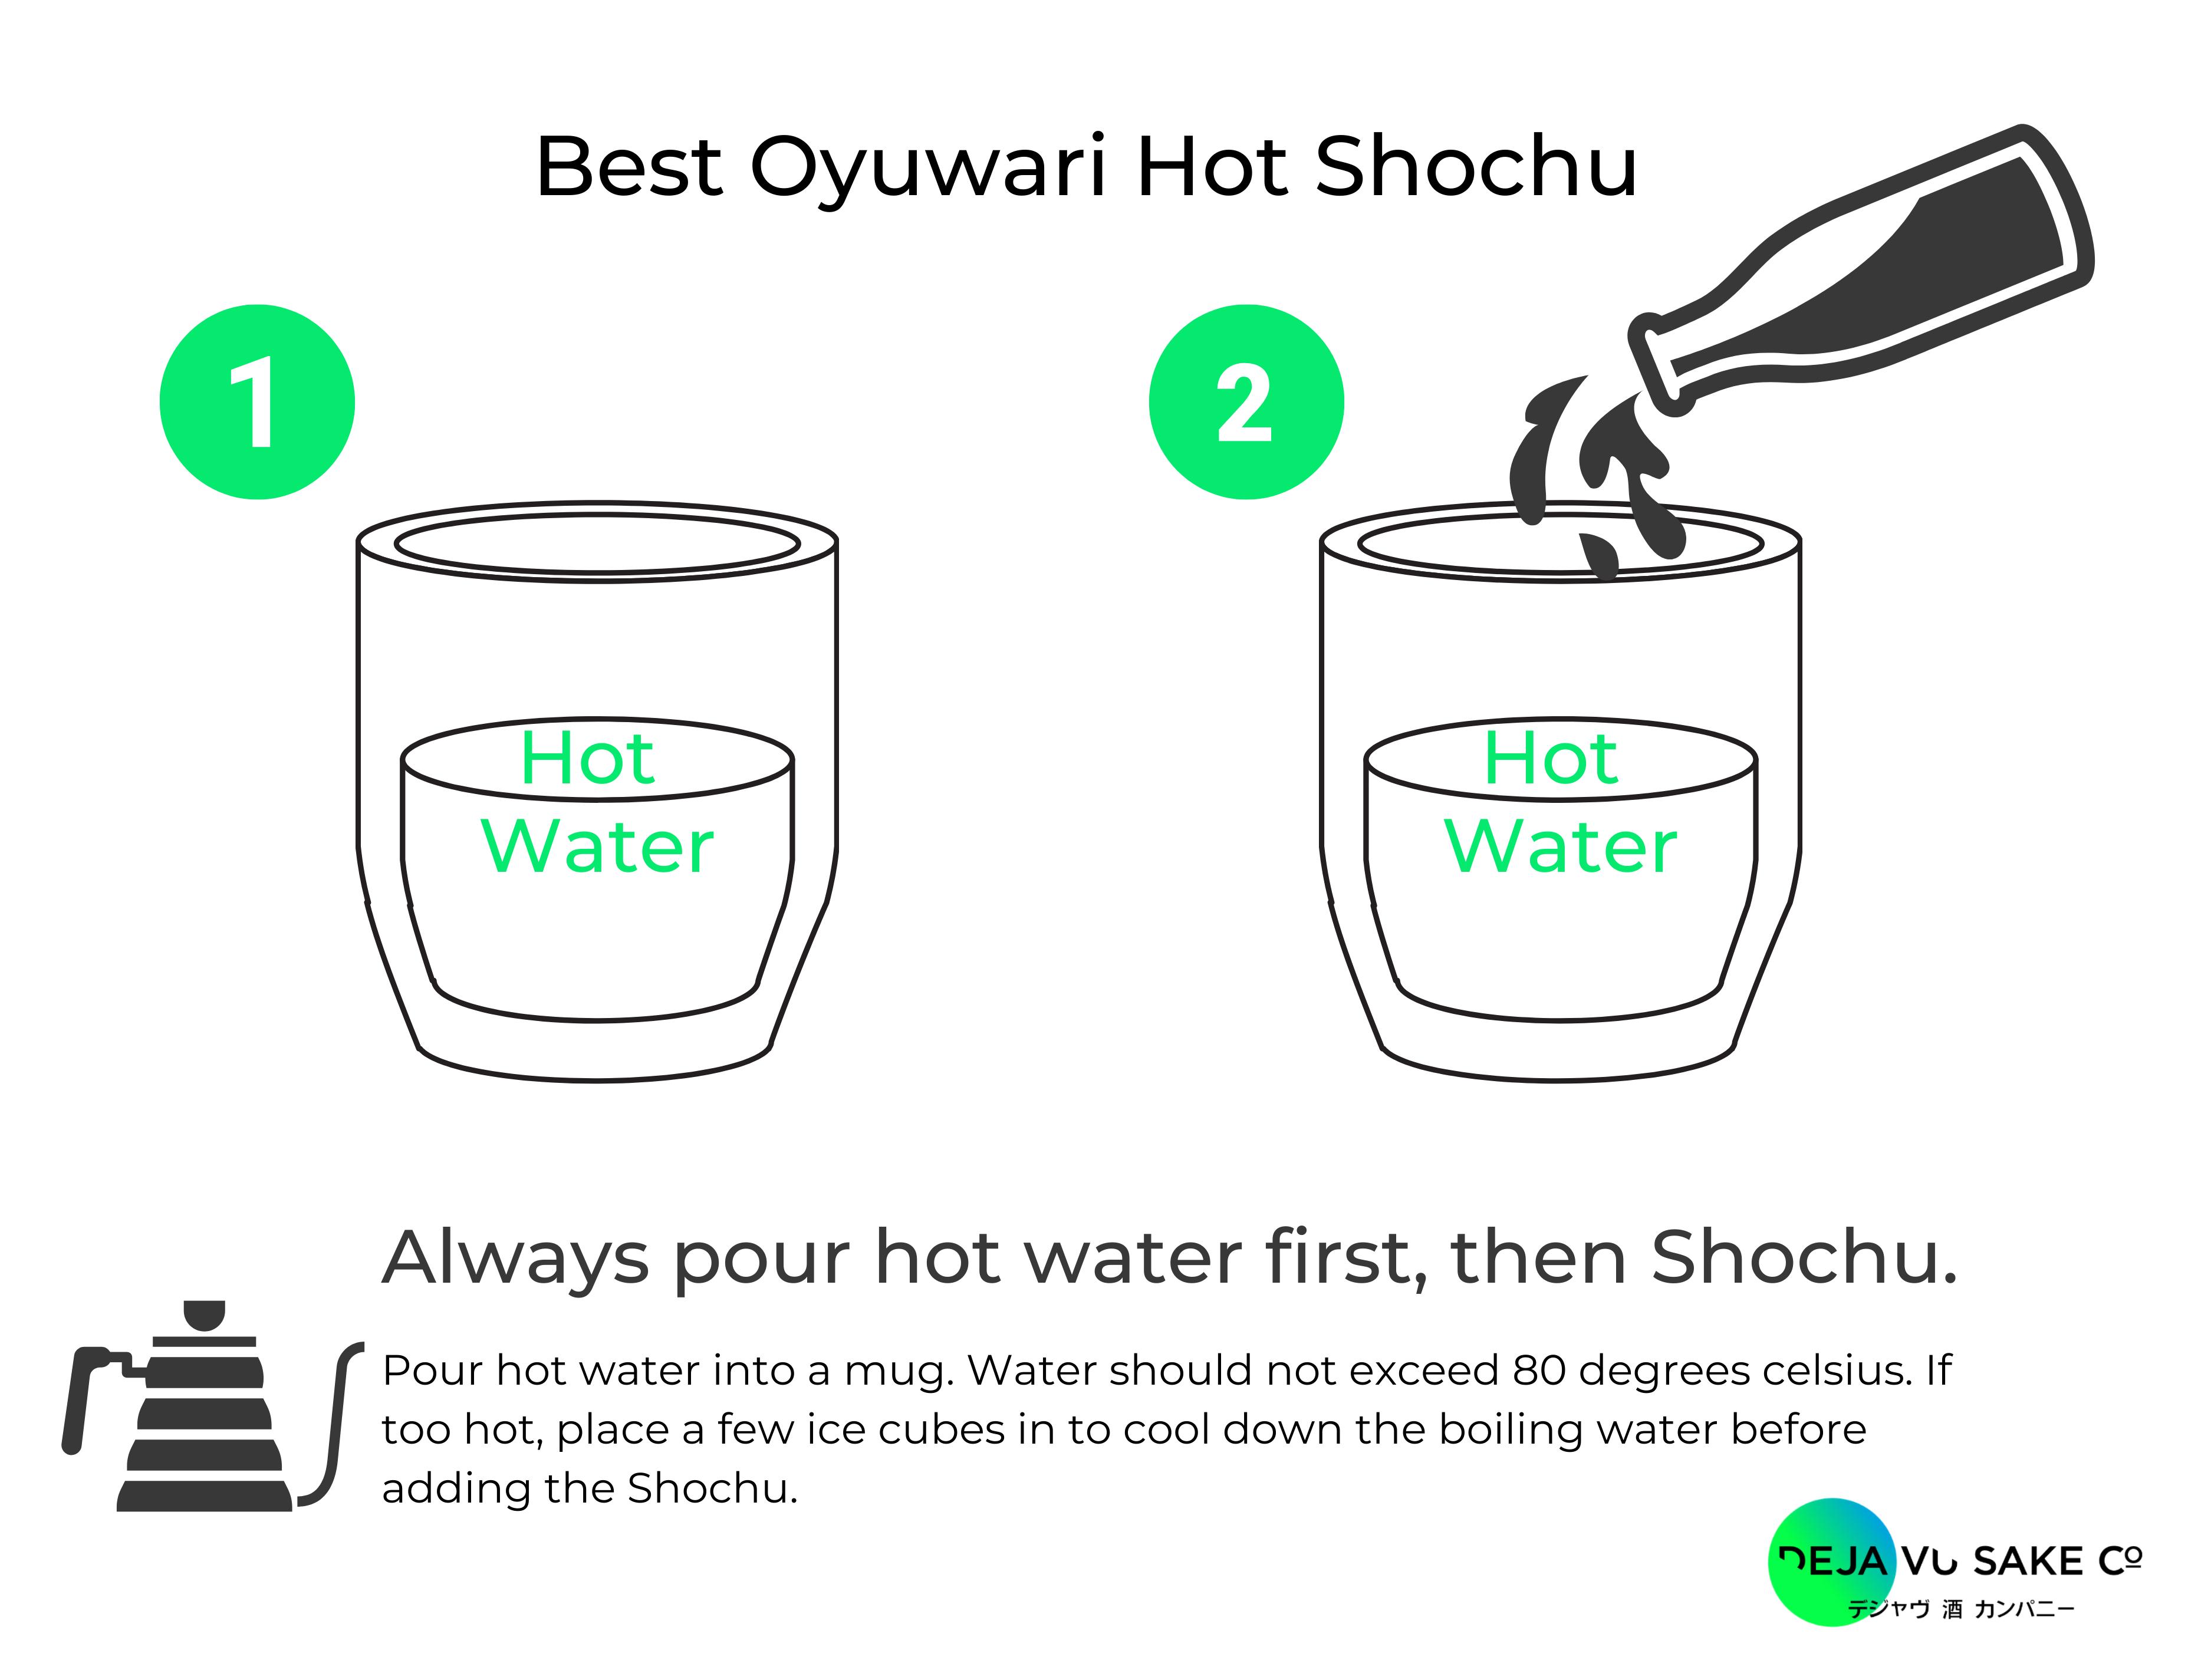 Making Hot Shochu